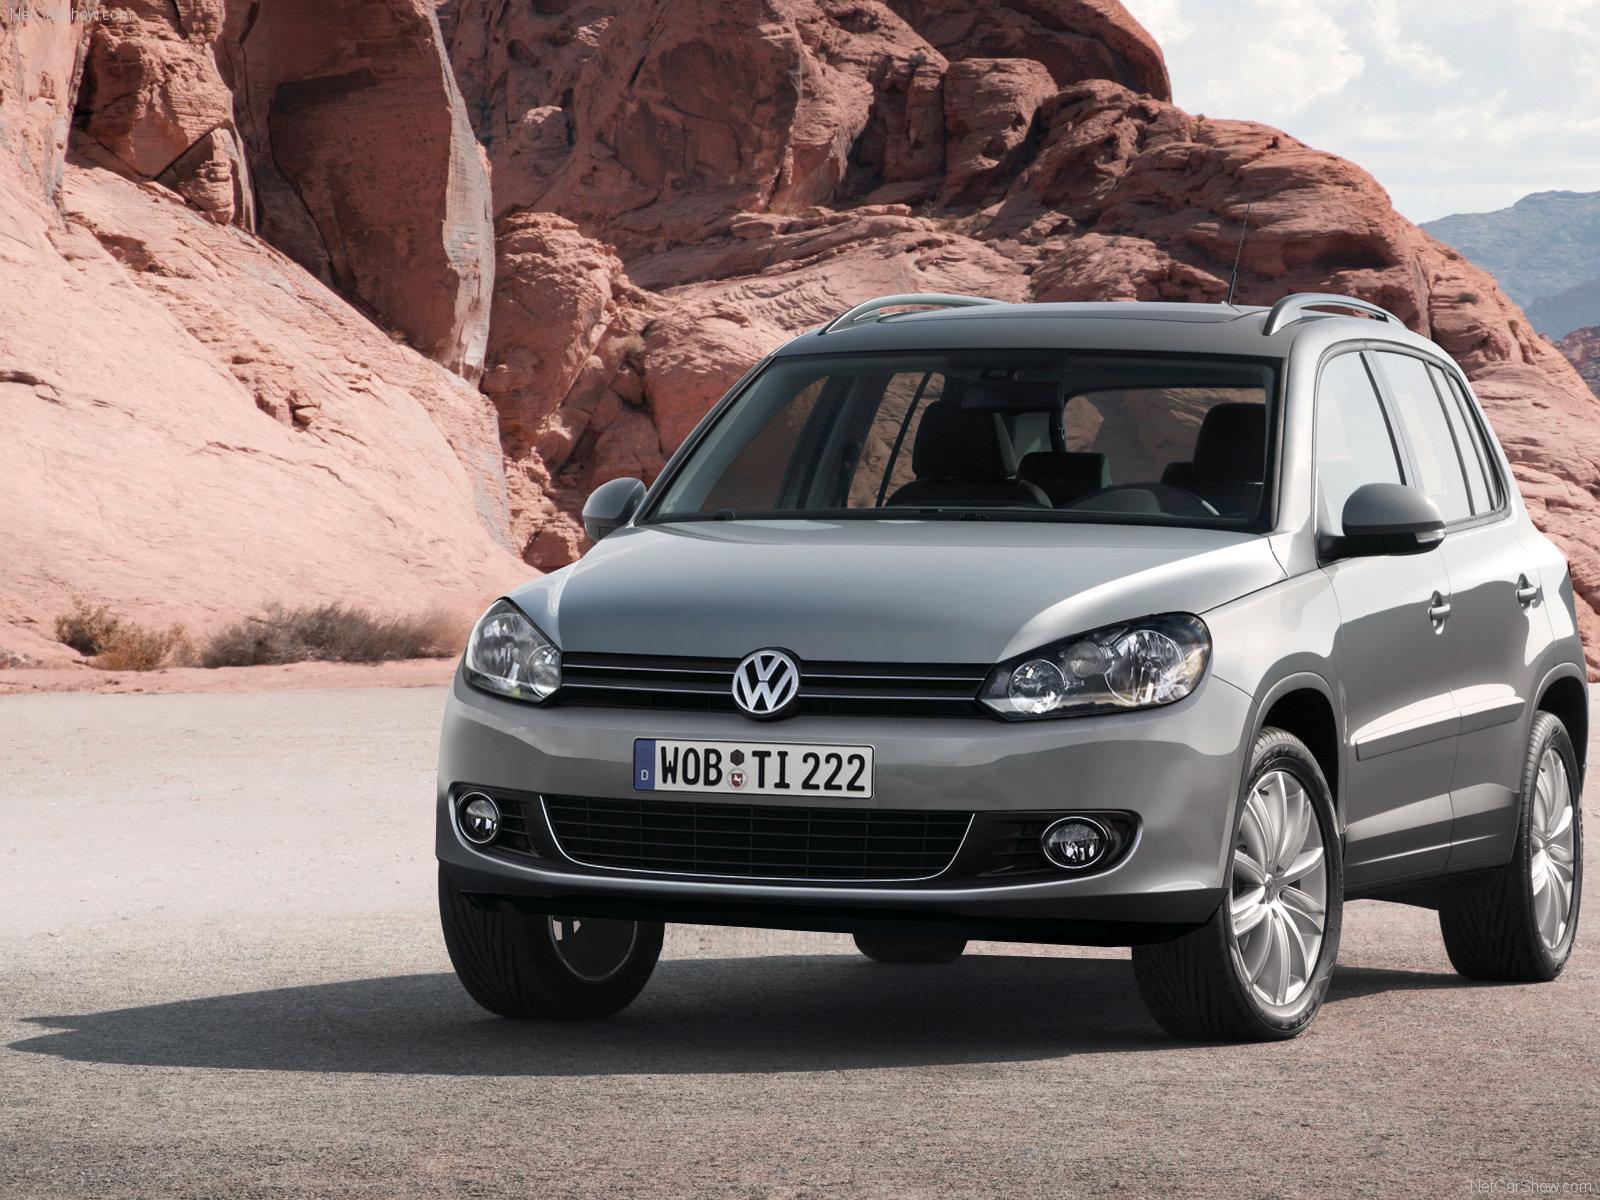 2010 Volkswagen Tiguan Image 20